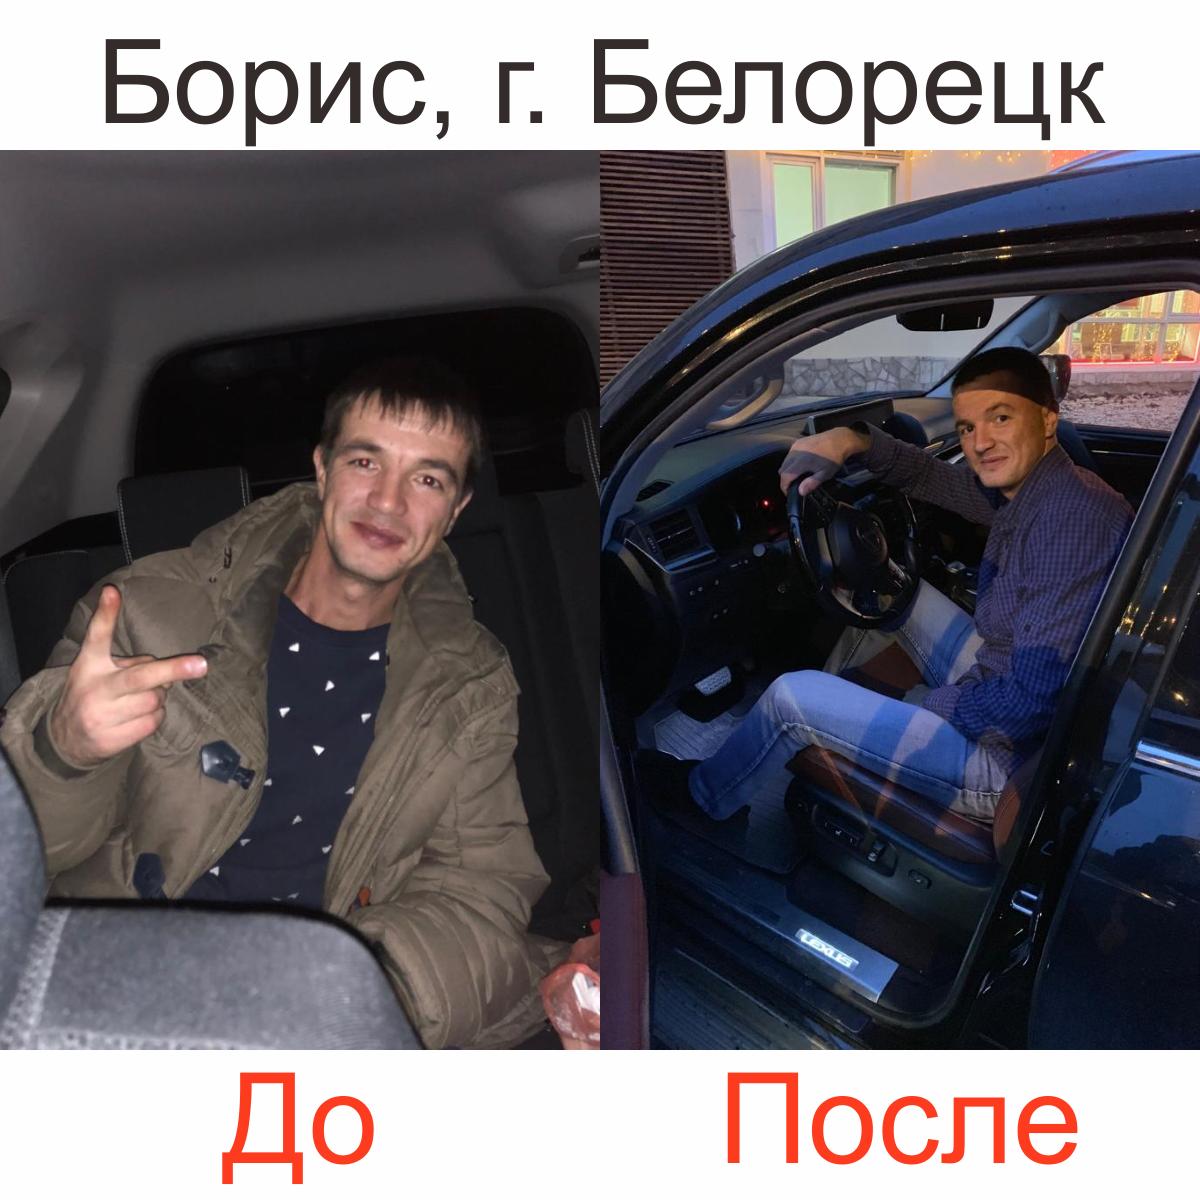 фото до и после отказа от наркотиков